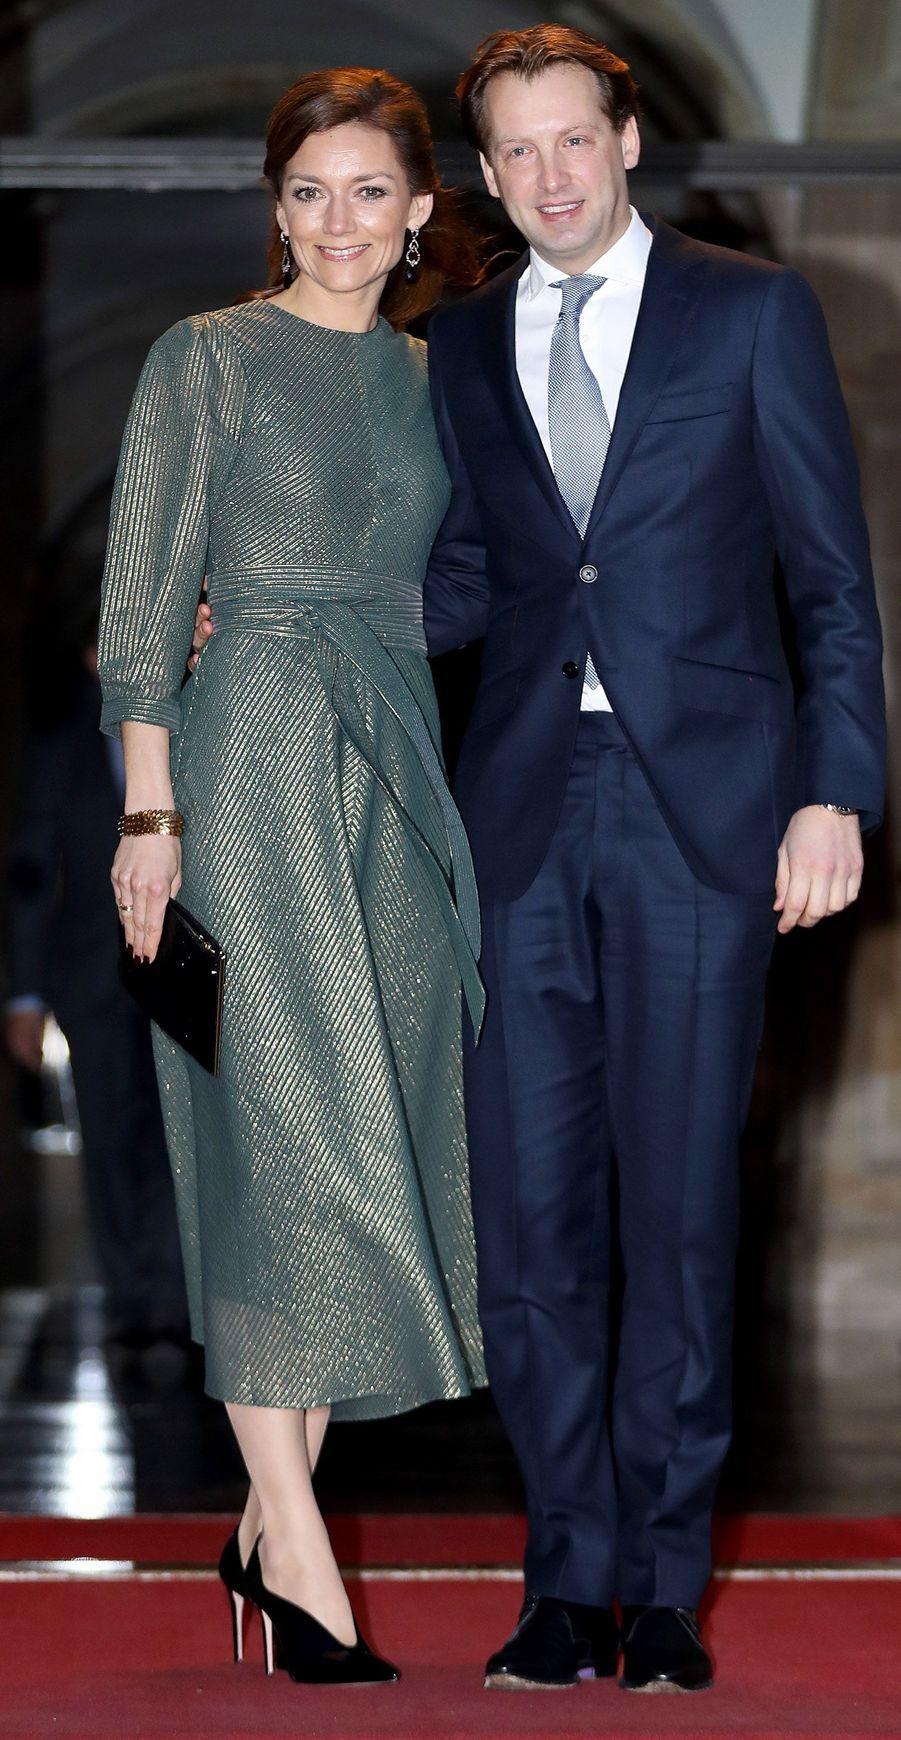 Le prince Floris des Pays-Bas et la princesse Aimée à Amsterdam, le 3 février 2018